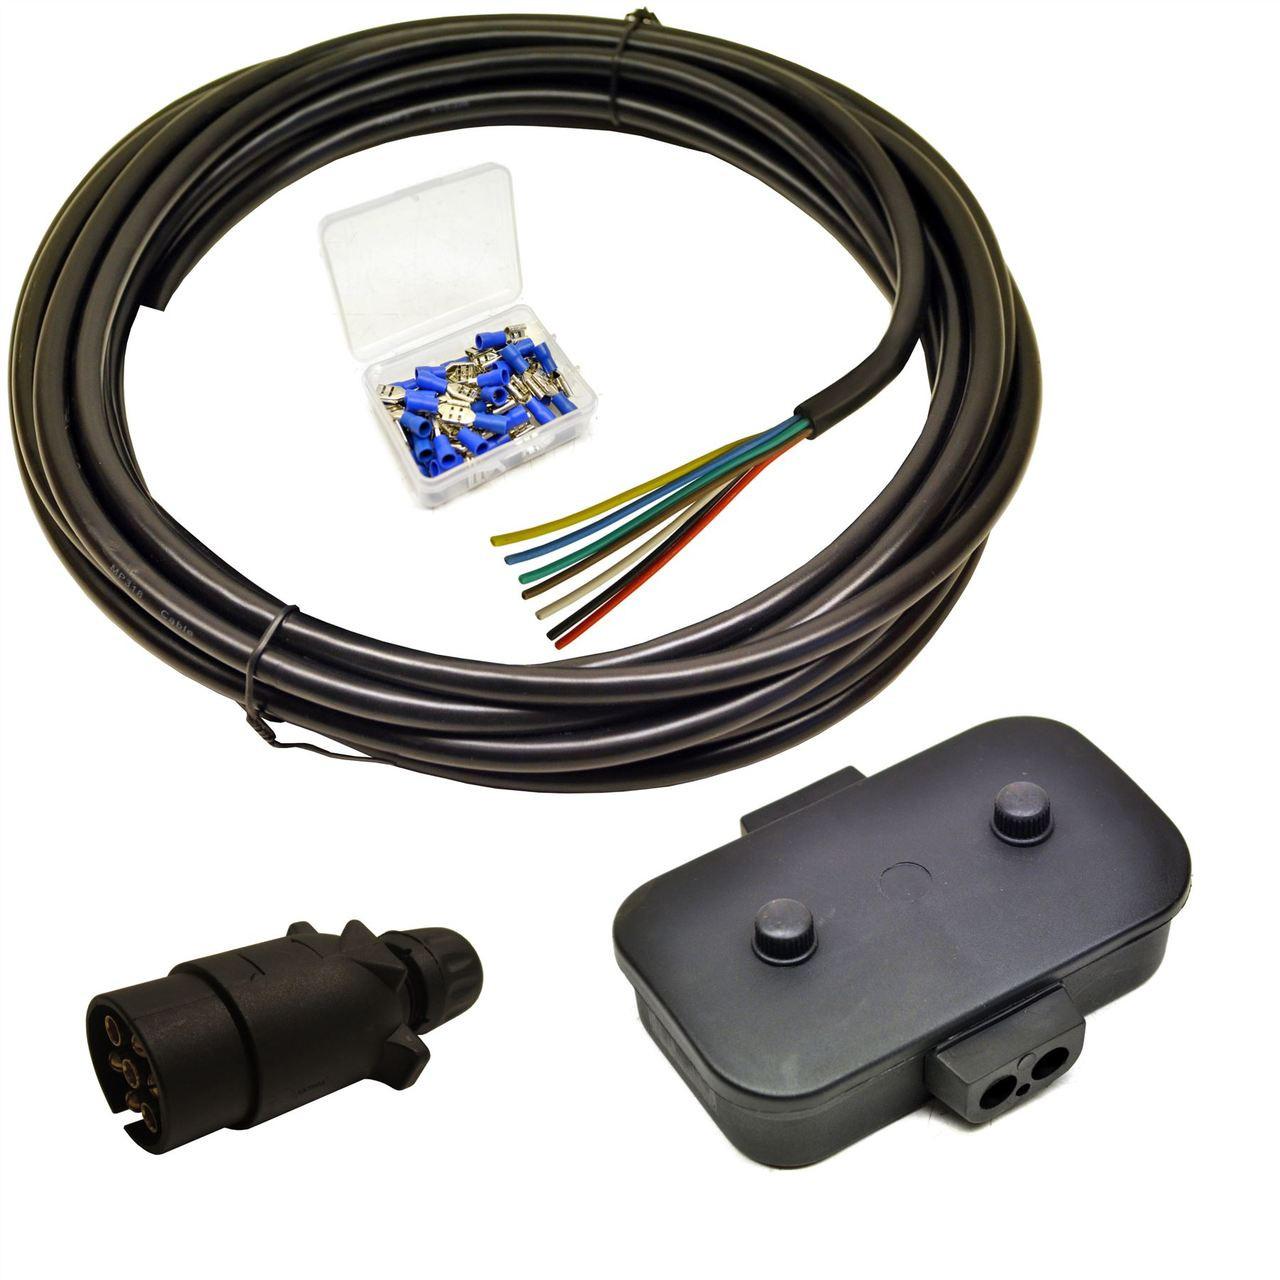 Trailer Light Electrics Rewire Kit Plug, Junction Box, 10m Cable ...